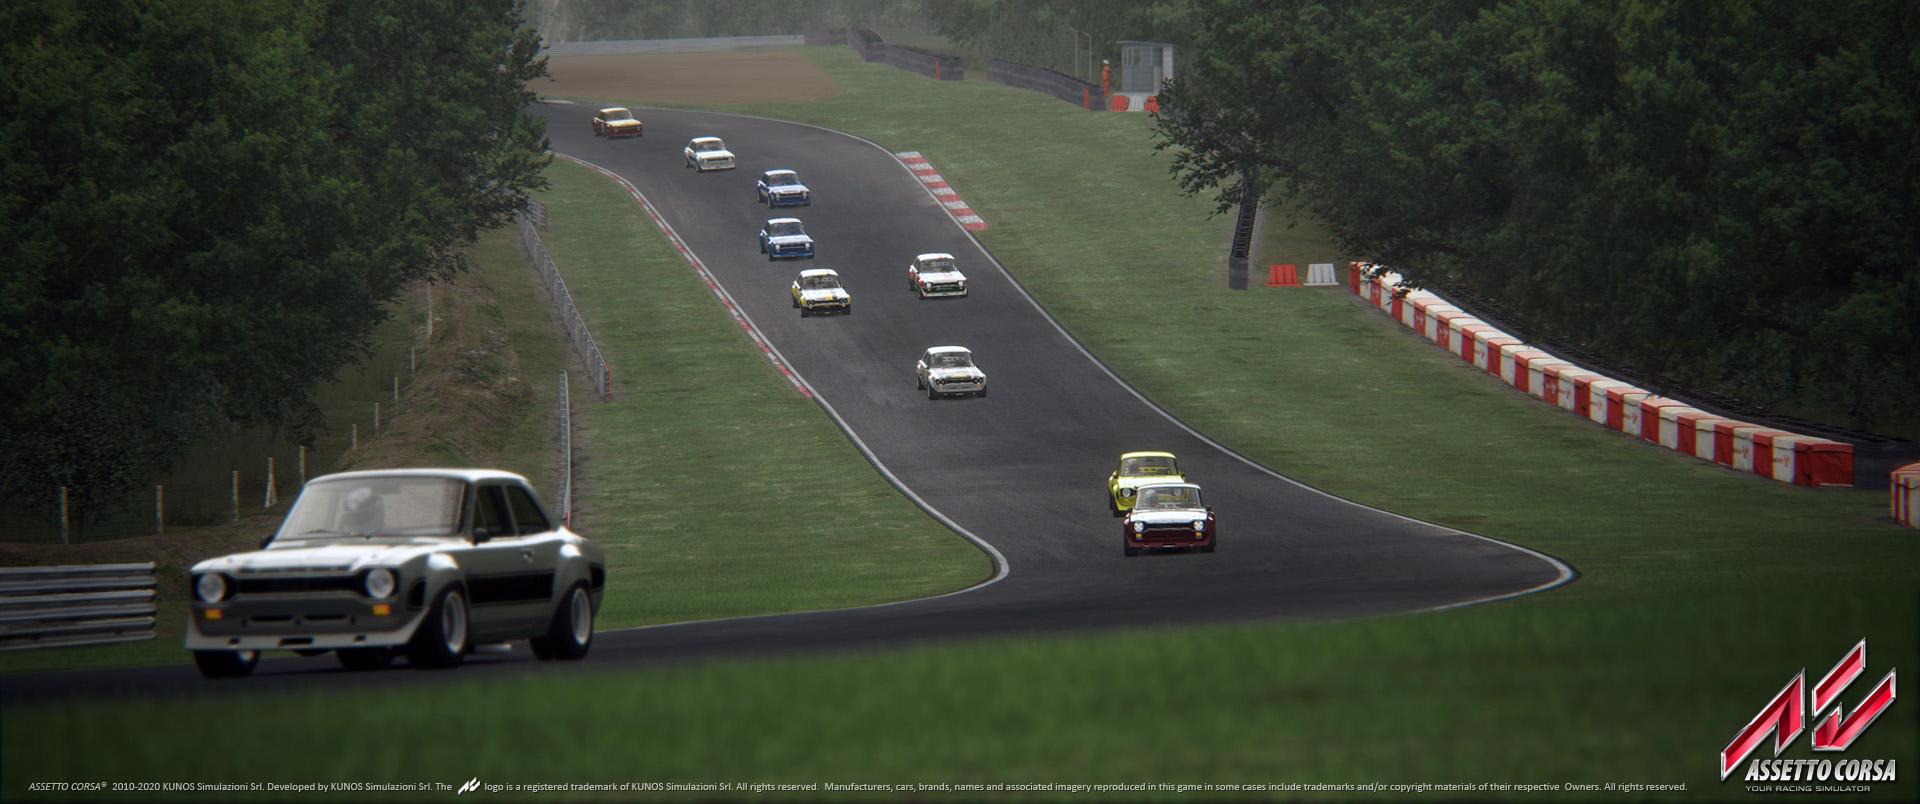 Odhalen Dream Pack 3 pro Assetto Corsa 117145